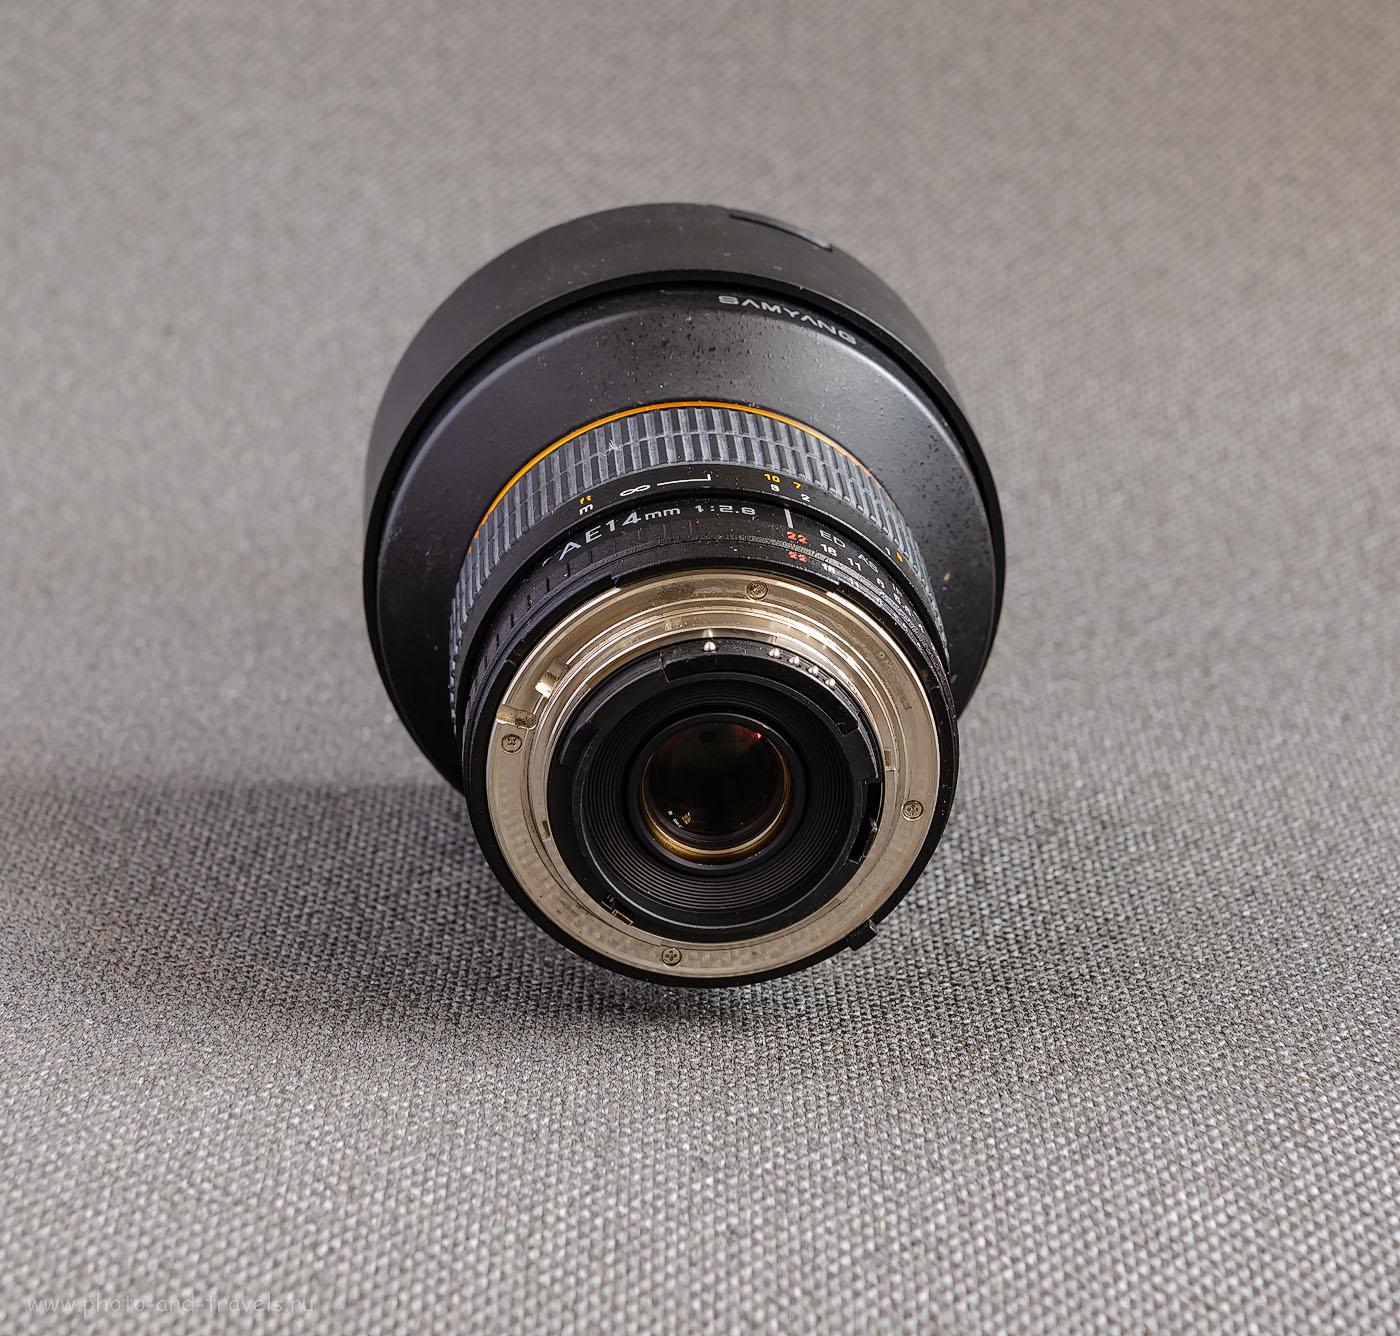 Широкоугольный объектив Samyang 14mm f/2.8 ED AS IF UMC AE Nikon F. Так выглядит чип, облегчающий работу с данным шириком. Если в Вашей модификации данного приспособления нет, можно приобрести отдельно и наклеить самому. Обзор и тестирование на полном кадре и на кропе.